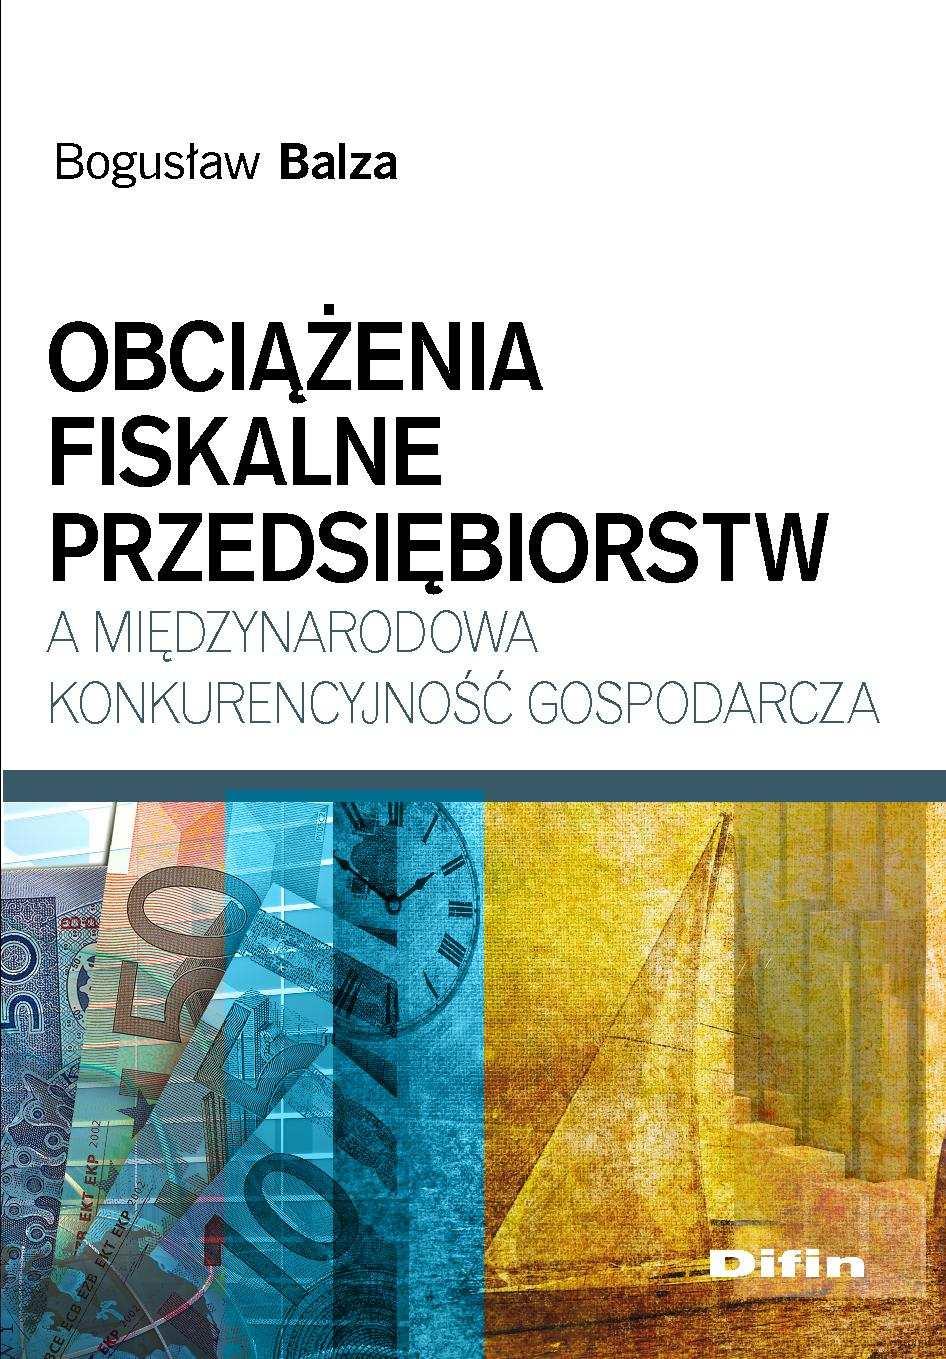 Obciążenia fiskalne przedsiębiorstw a międzynarodowa konkurencyjność gospodarcza - Ebook (Książka EPUB) do pobrania w formacie EPUB